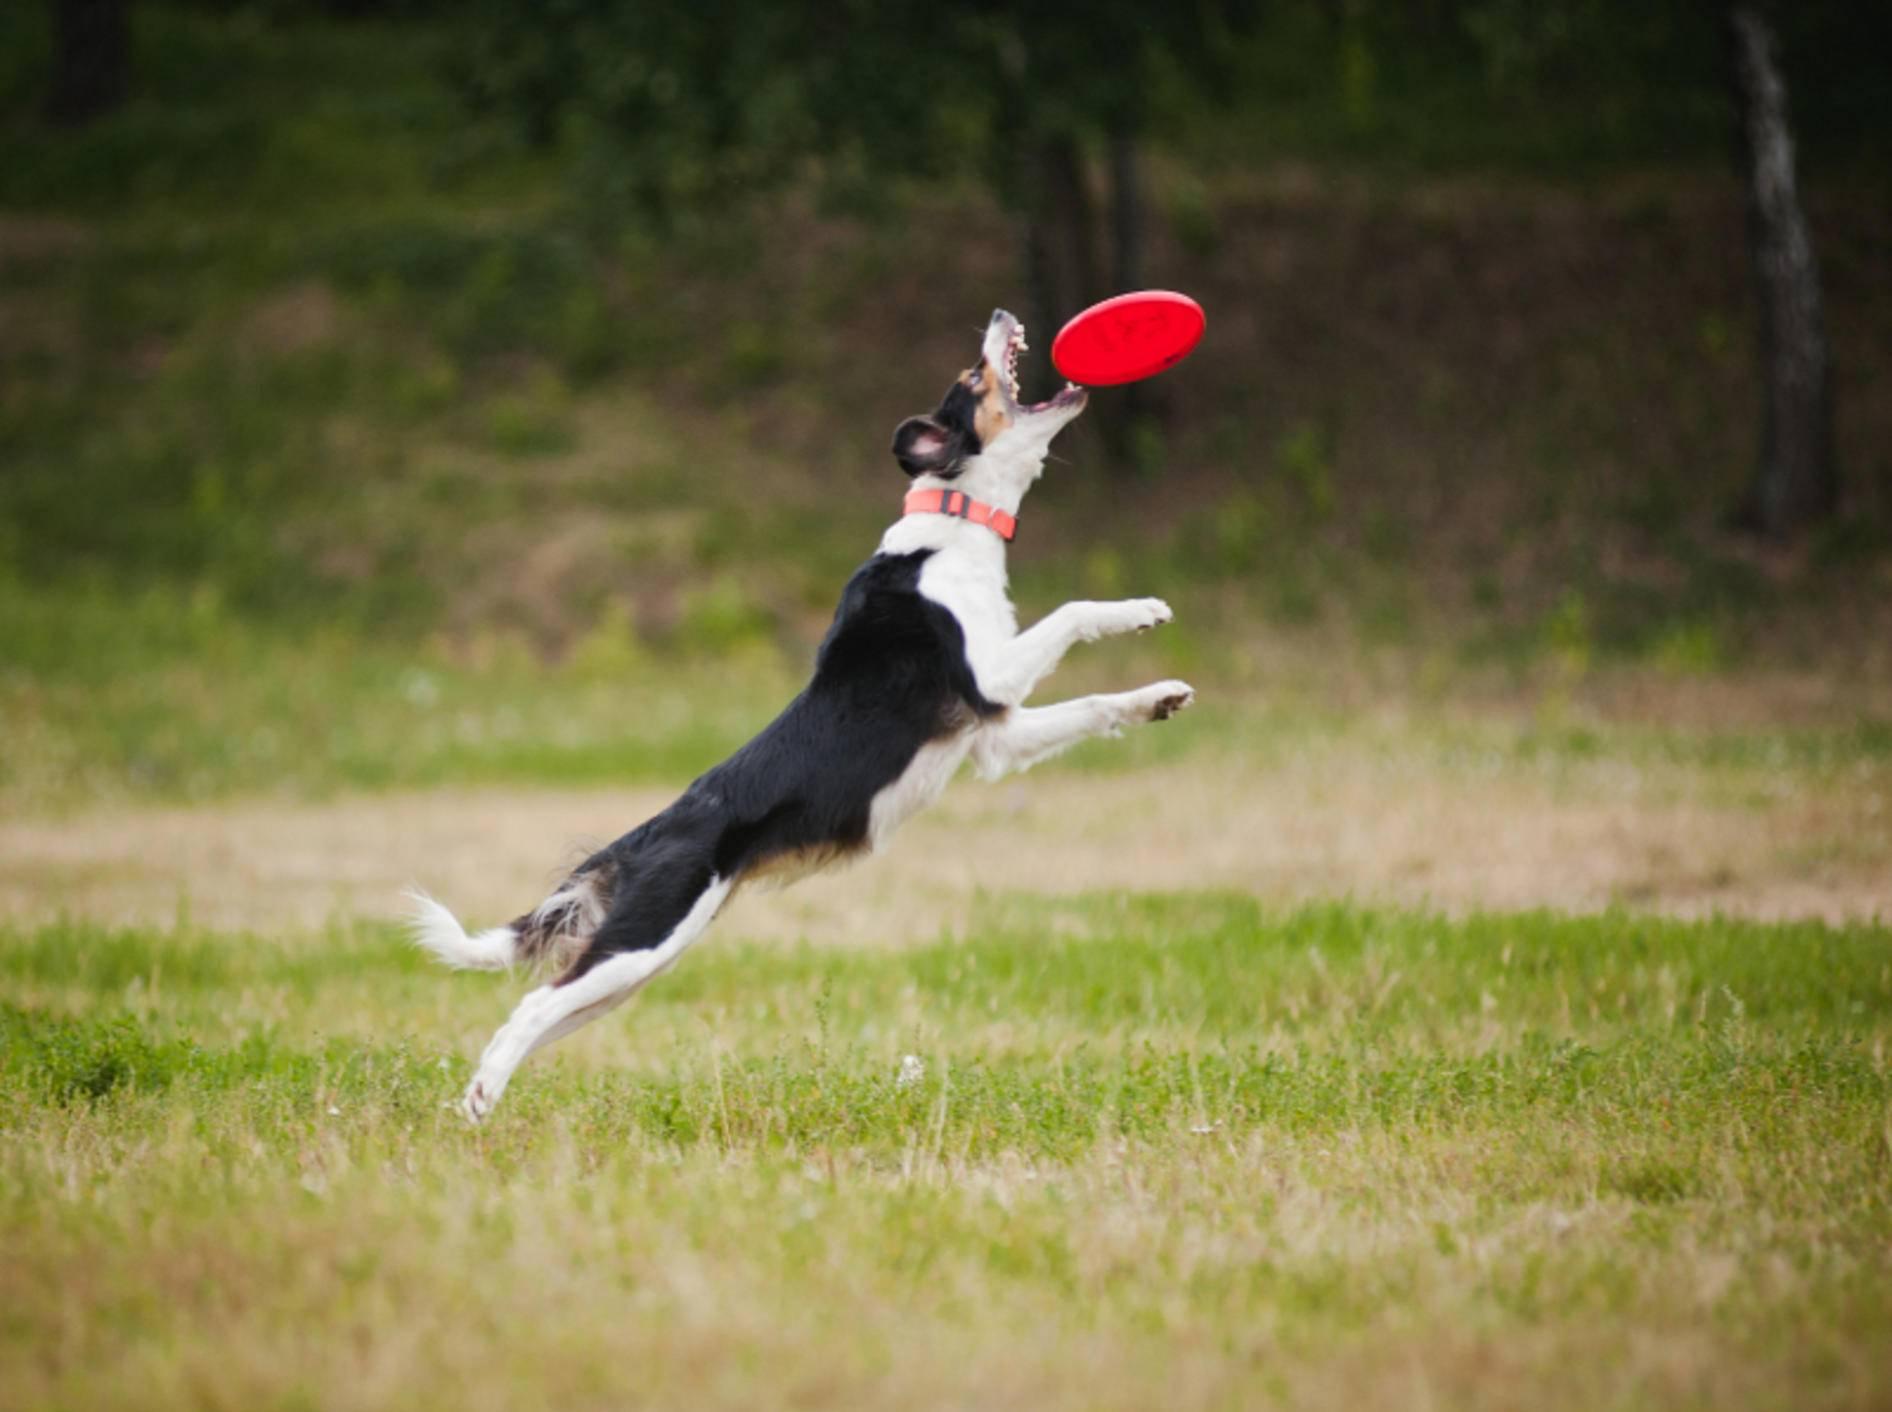 Hunde beschäftigen Sie am besten in freier Natur – Shutterstock / Ksenia Raykova